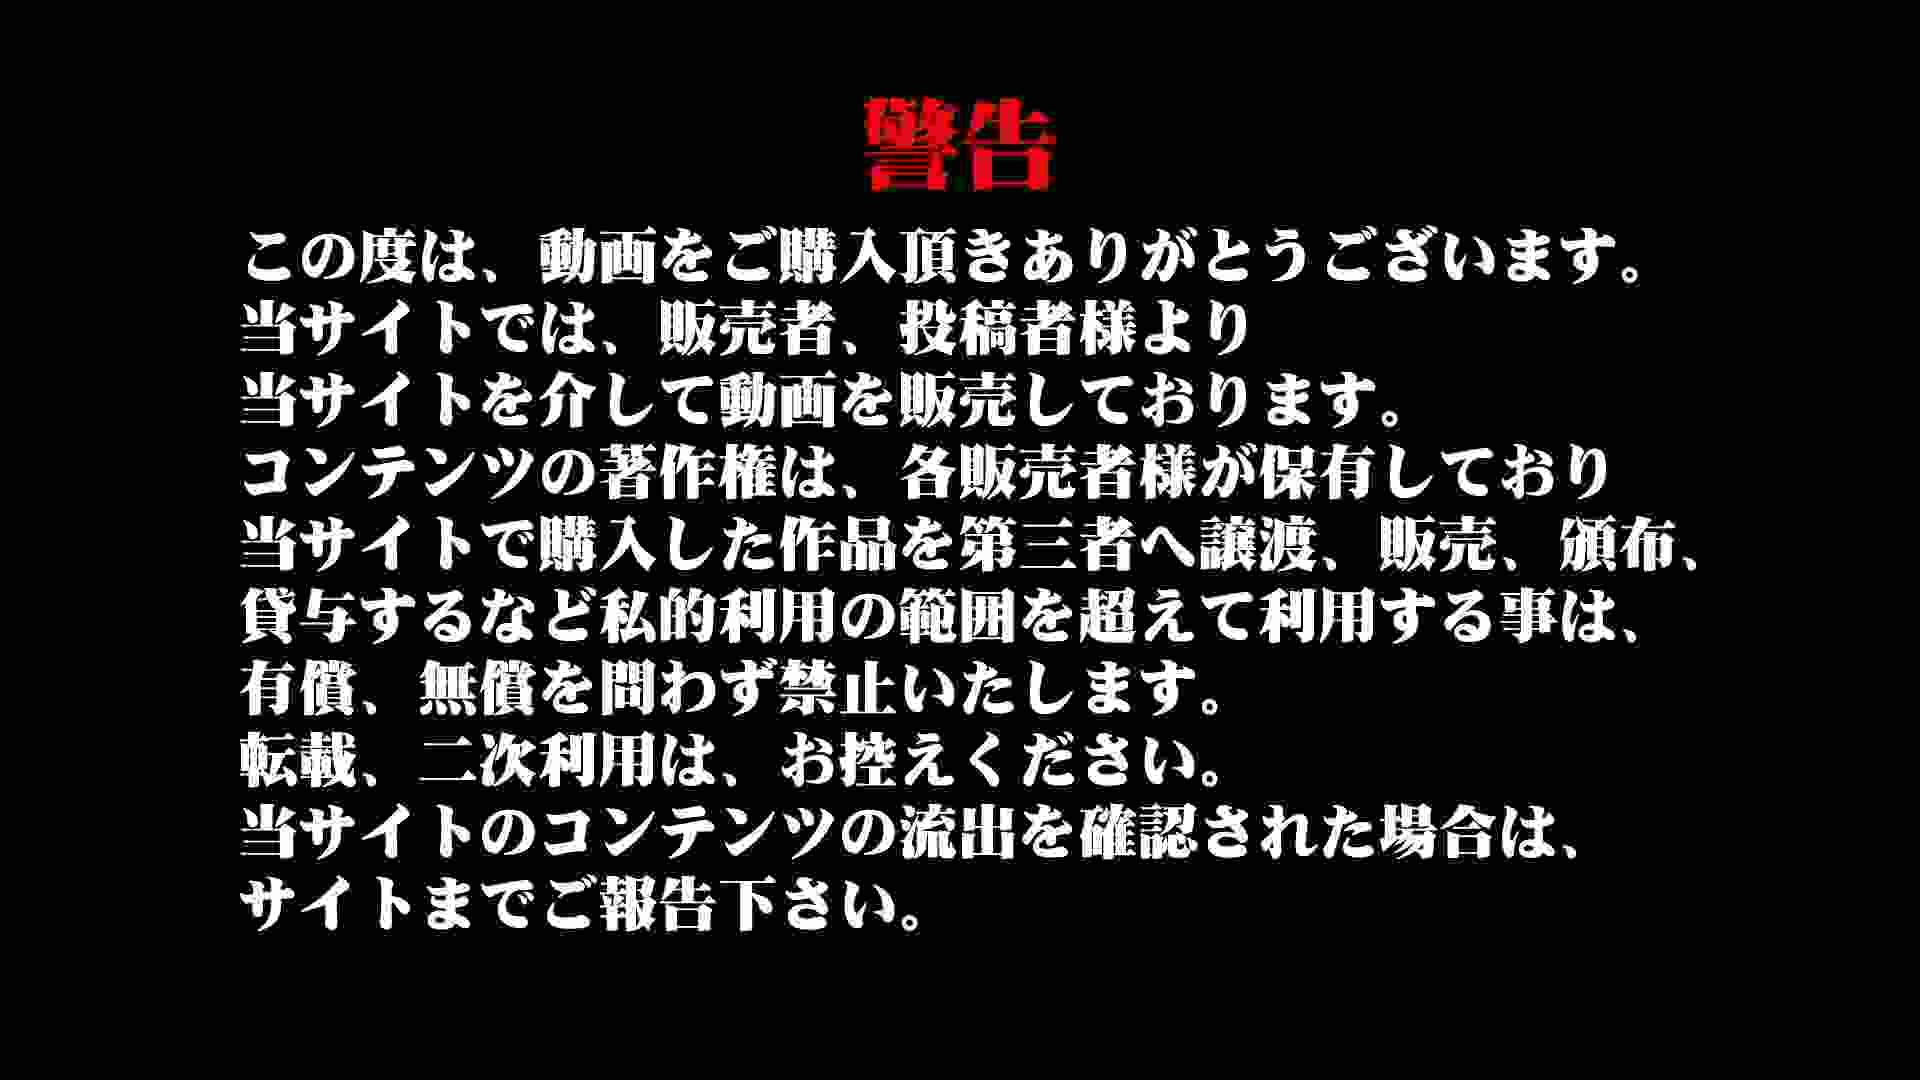 Aquaな露天風呂Vol.895 盗撮シリーズ  101PIX 30